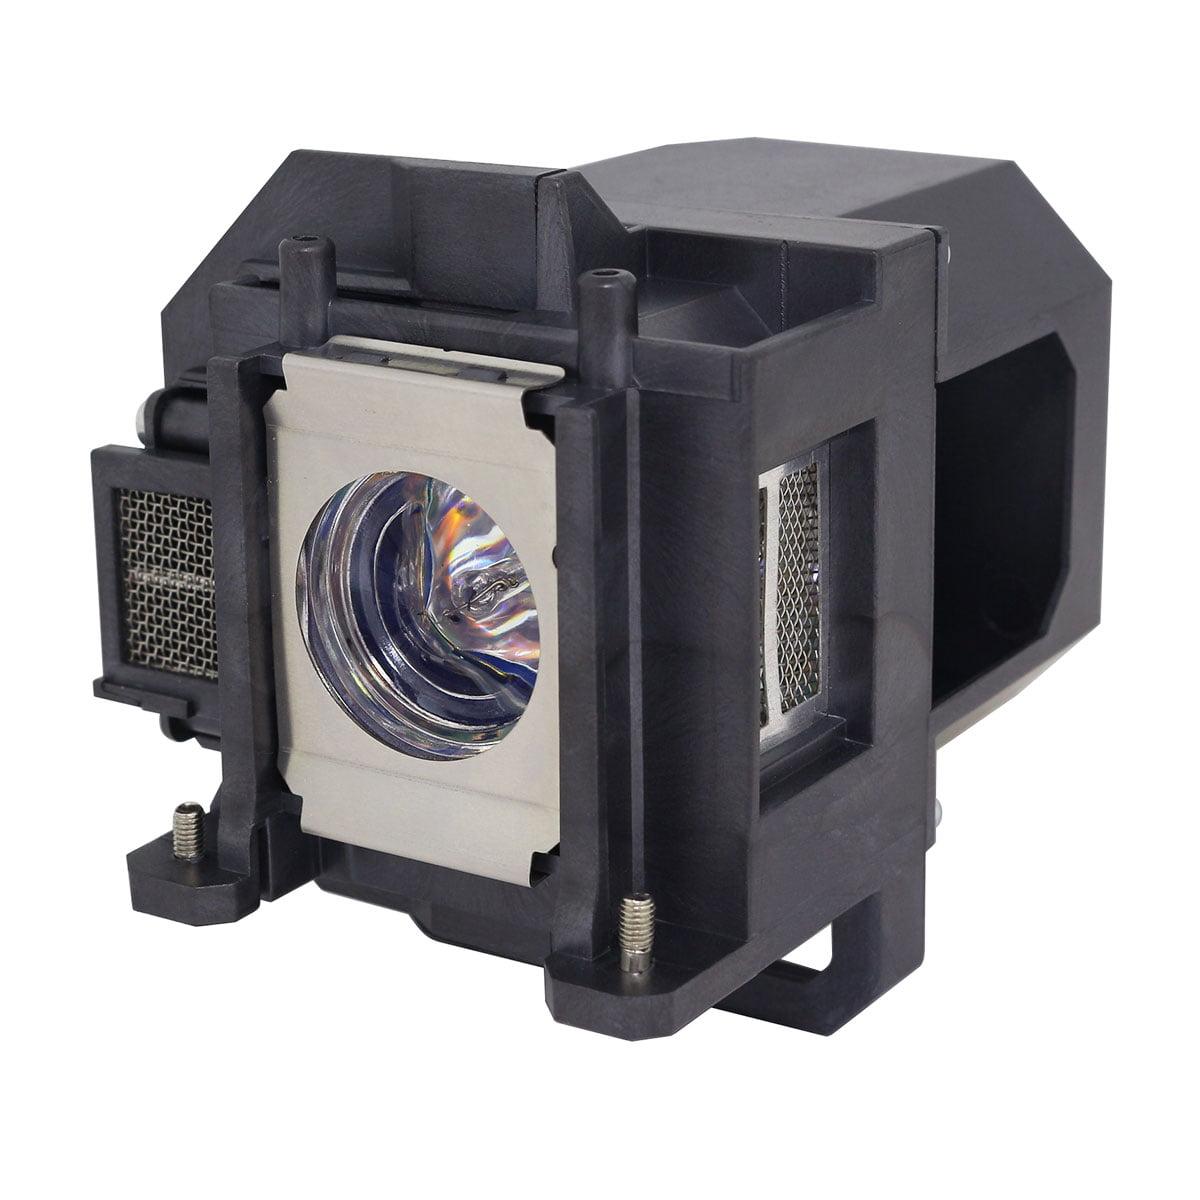 Osram Lamp Housing For Epson VS400 Projector DLP LCD Bulb